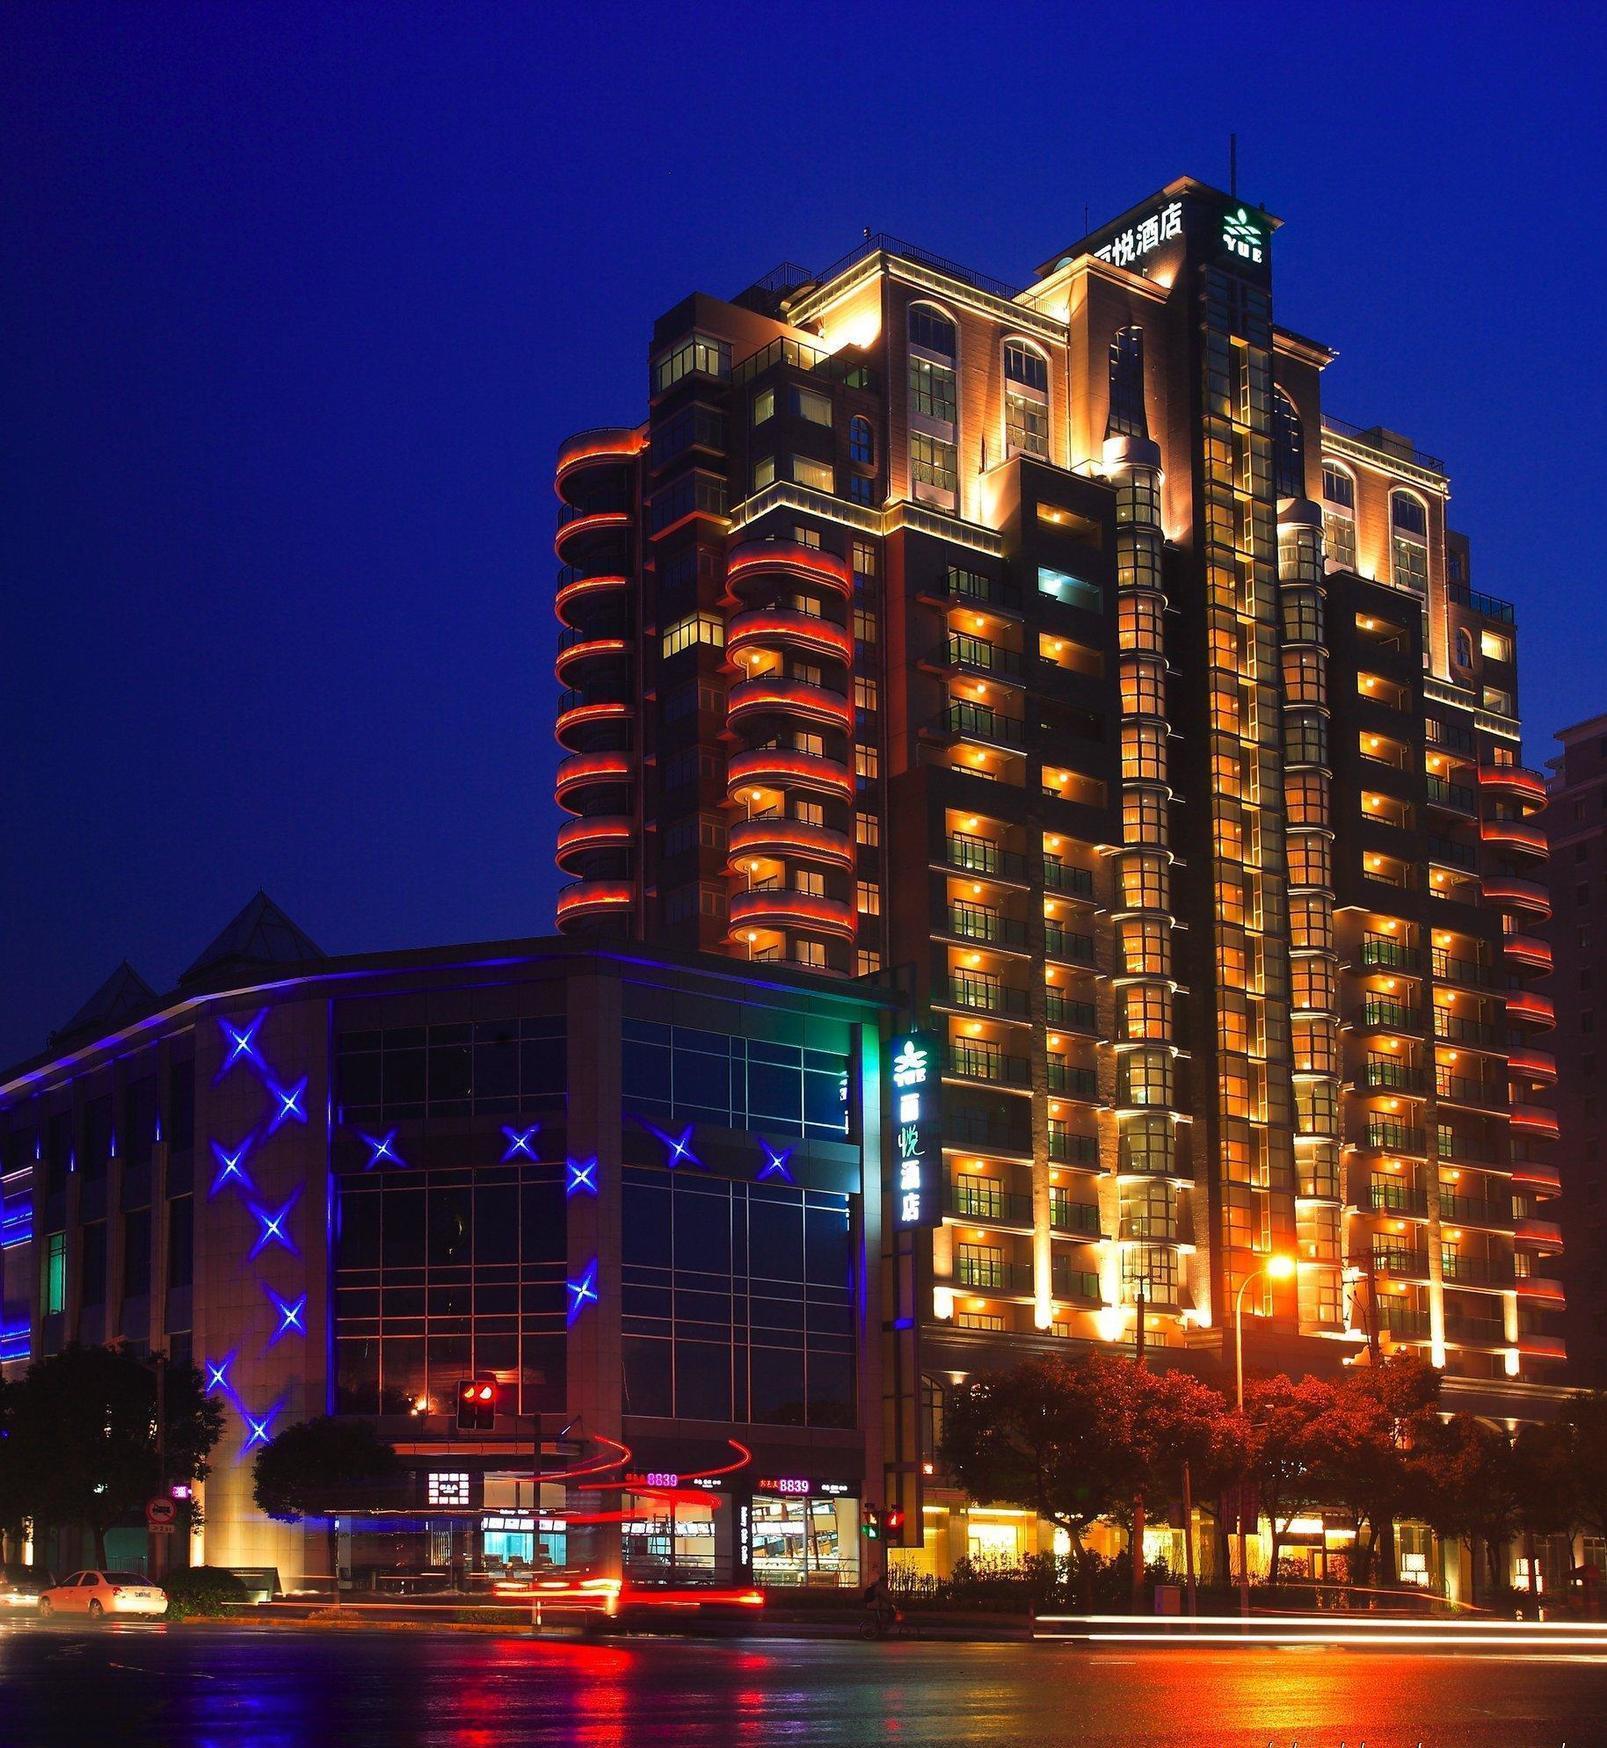 أفضل فنادق شنقهاي … فنادق تناسب الجميع